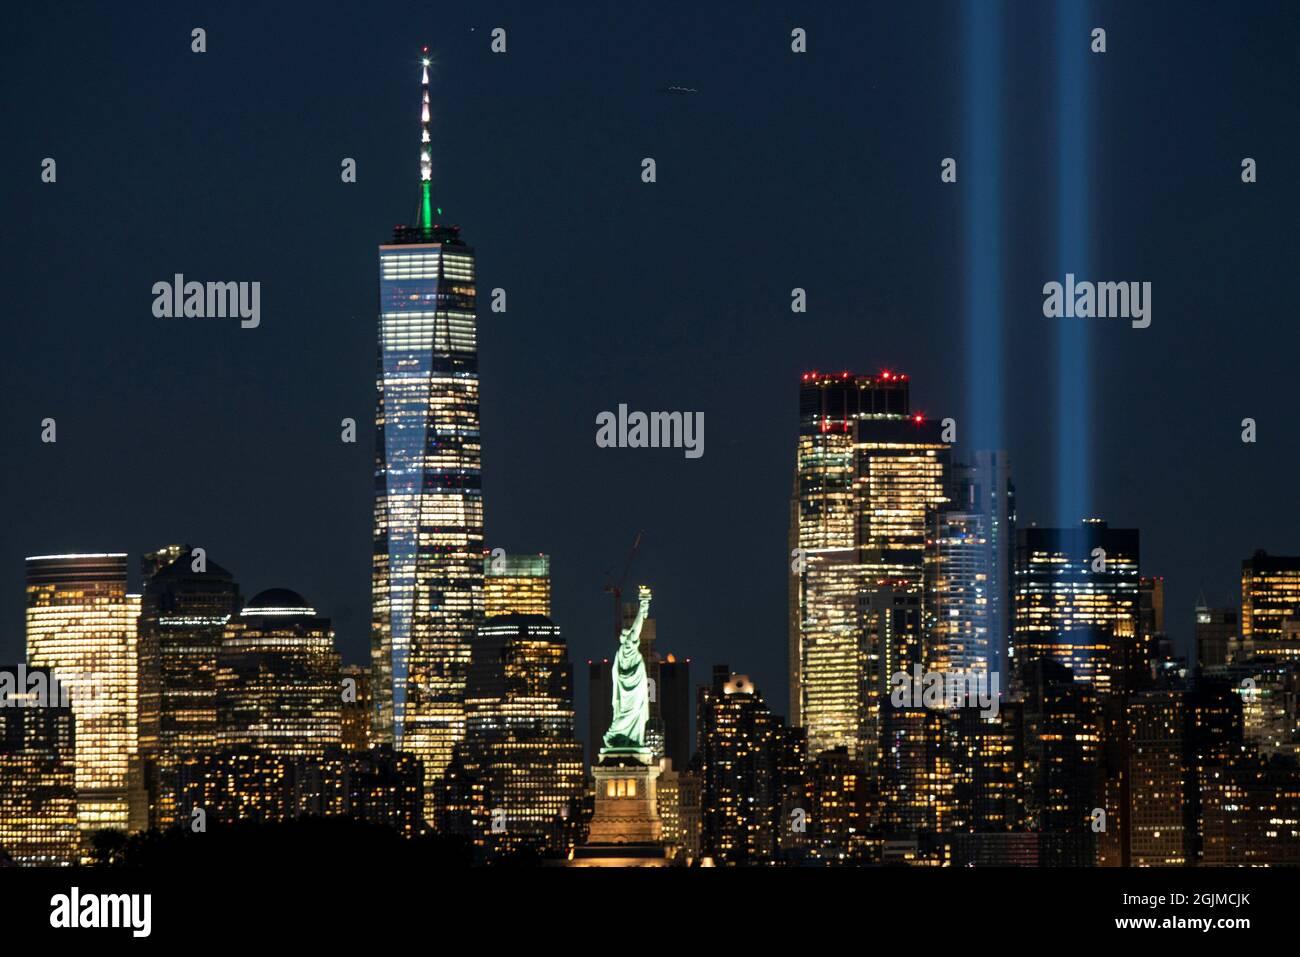 L'installation Tribute in Light, le World Trade Center et la Statue de la liberté sont vus avant le 20e anniversaire des attaques du 11 septembre à Manhattan, comme le montre Bayonne, New Jersey, États-Unis, le 10 septembre 2021. REUTERS/Eduardo Munoz Banque D'Images